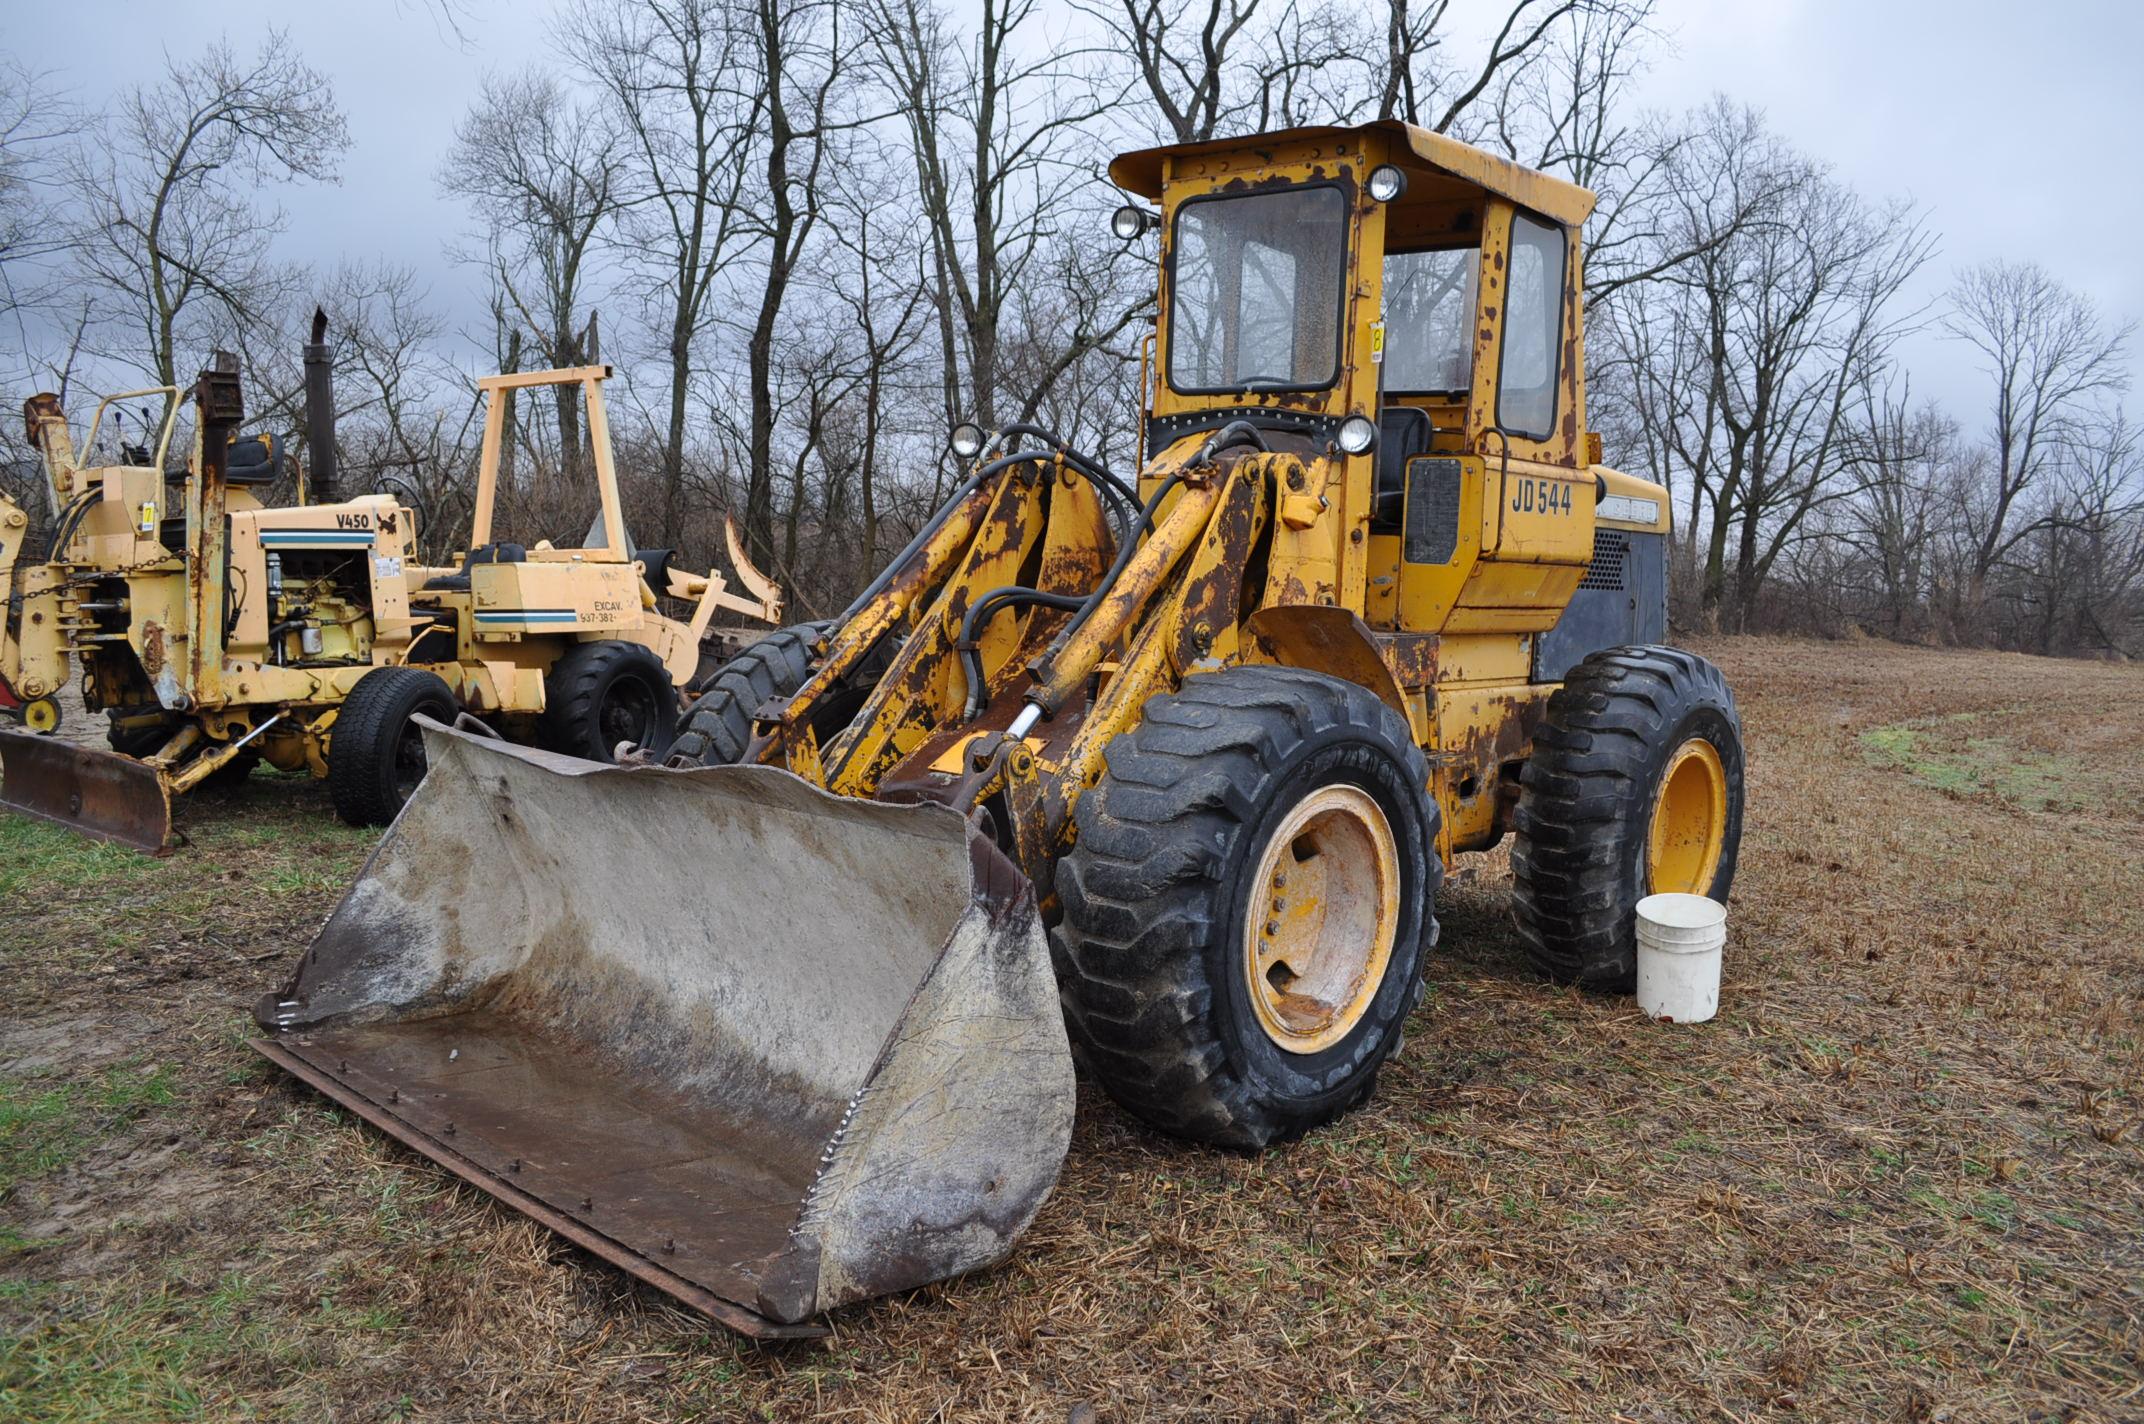 John Deere 544 Payloader, 17.5-25 tires, shows 1074 hrs, SN 0767621